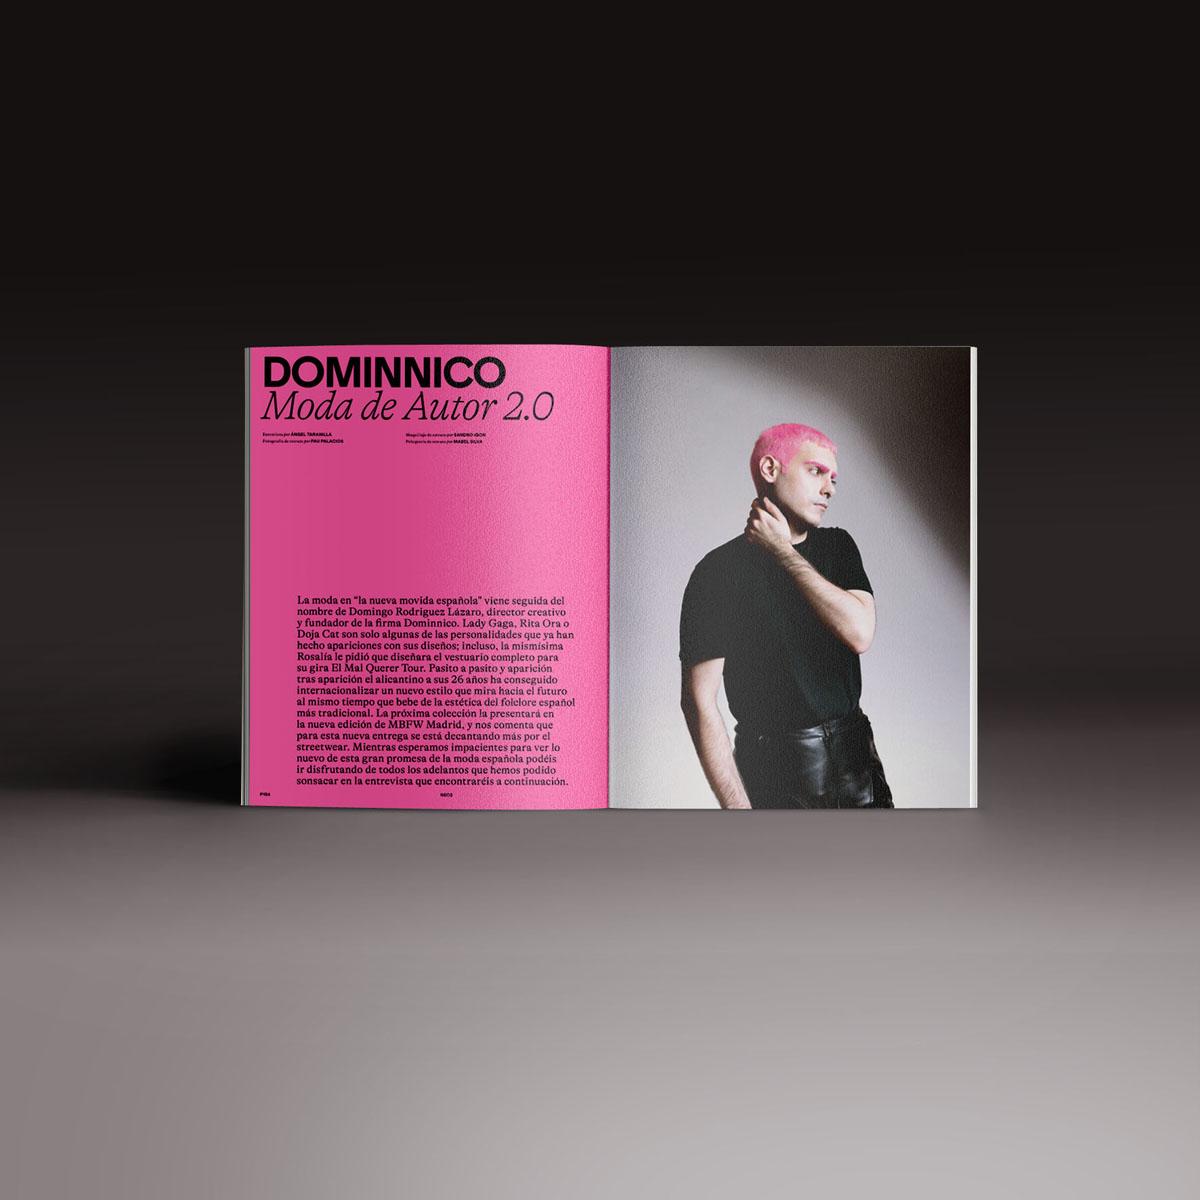 Neo2 Magazine papel doble pagina con artículo de Dominnico